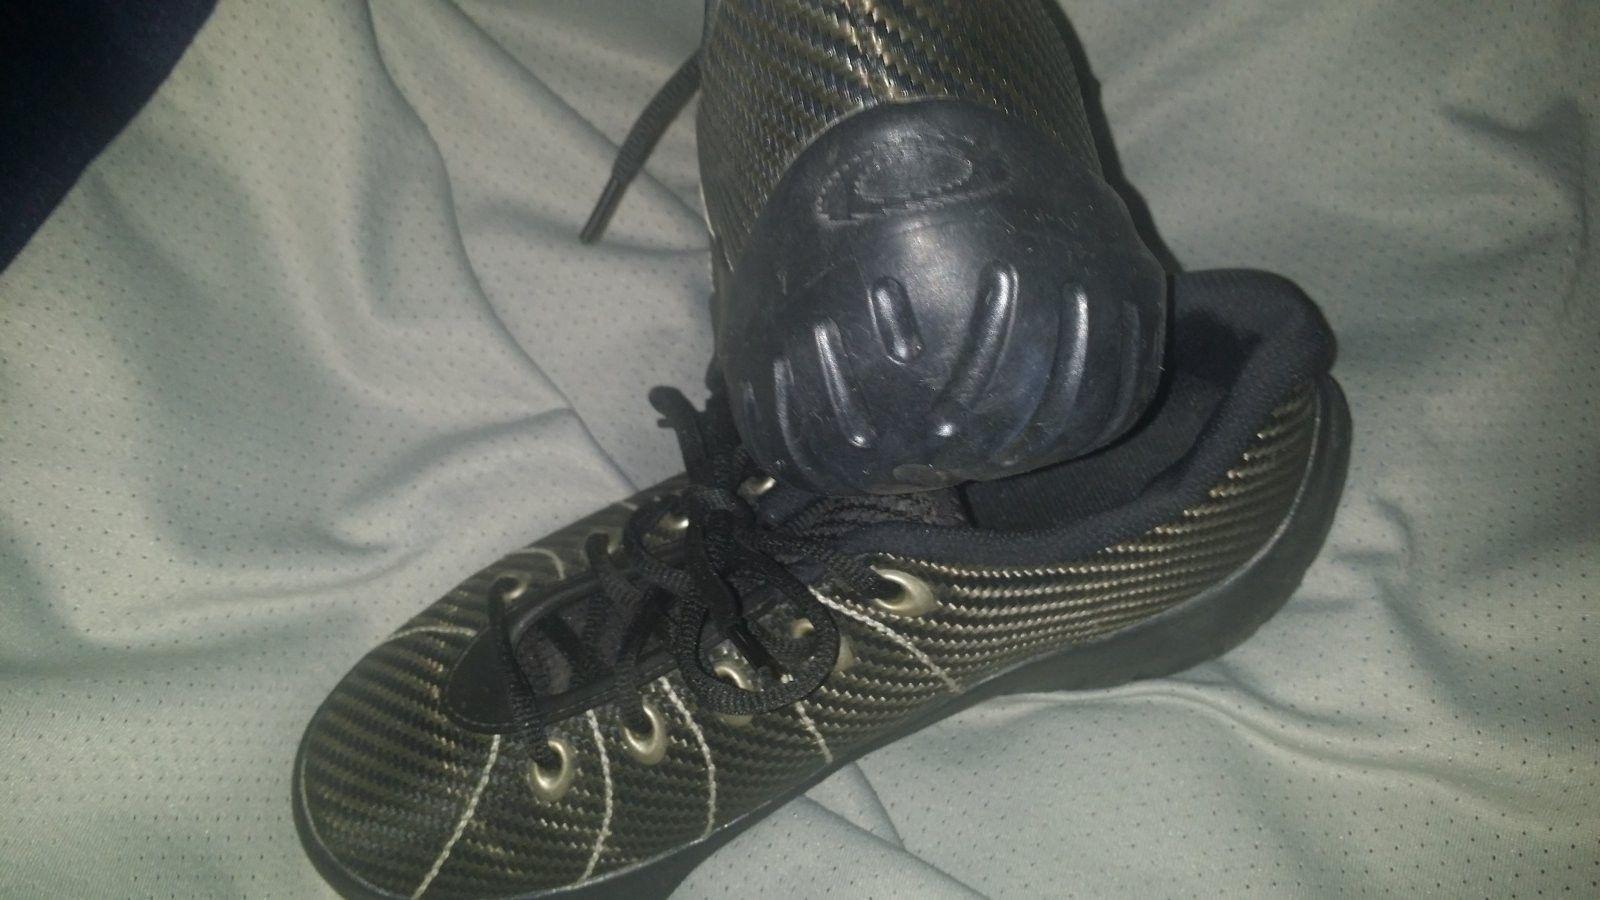 Oakley Shoe One Just Got Today - 20140723_181241.jpg